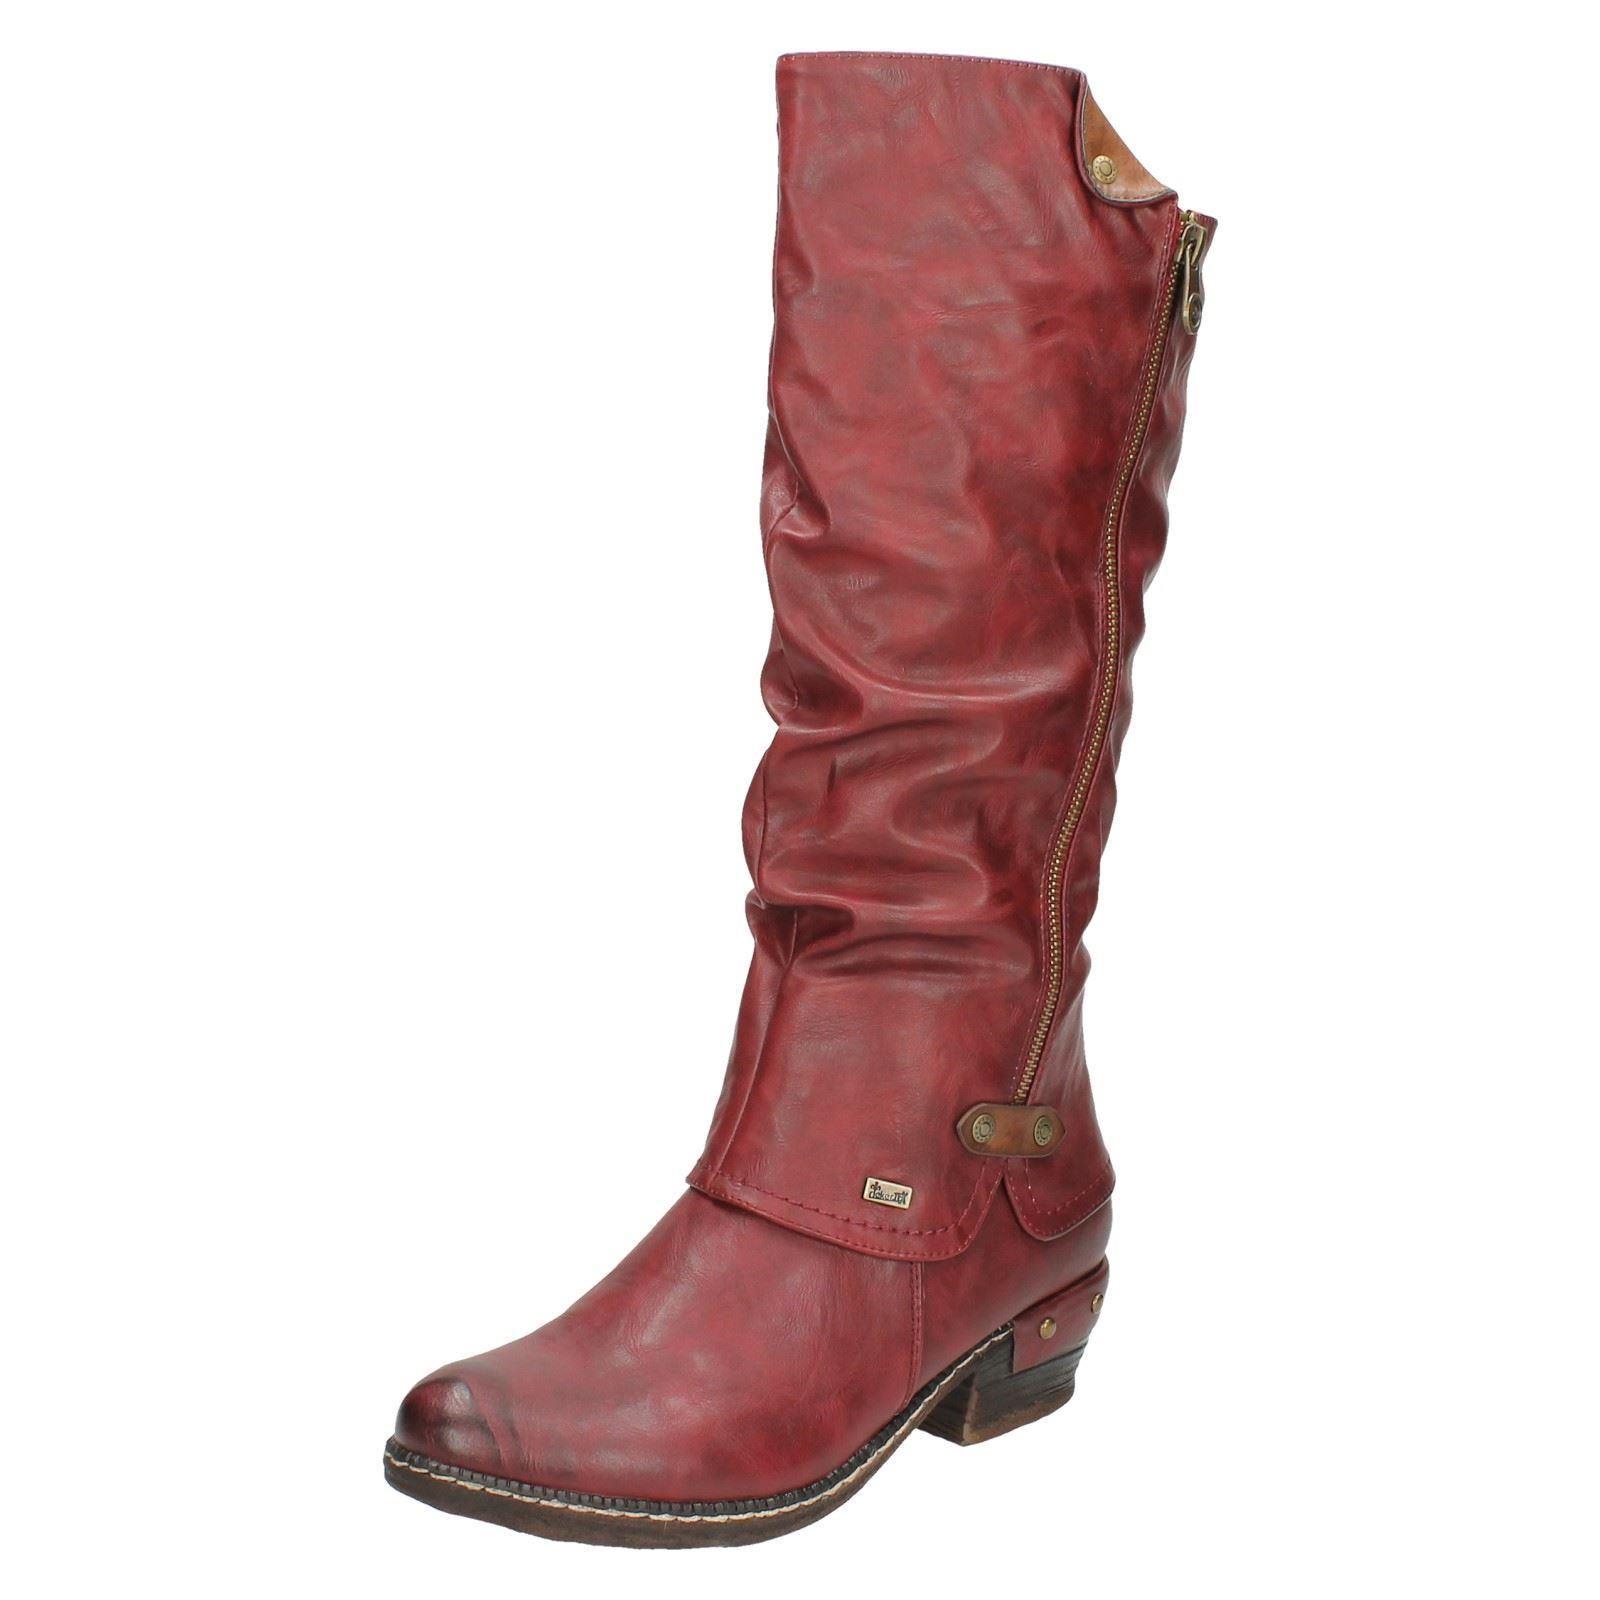 Damen Rieker 93655 Stiefel Freizeit Warm Gefüttert Lange Stiefel 93655 cbc3c4